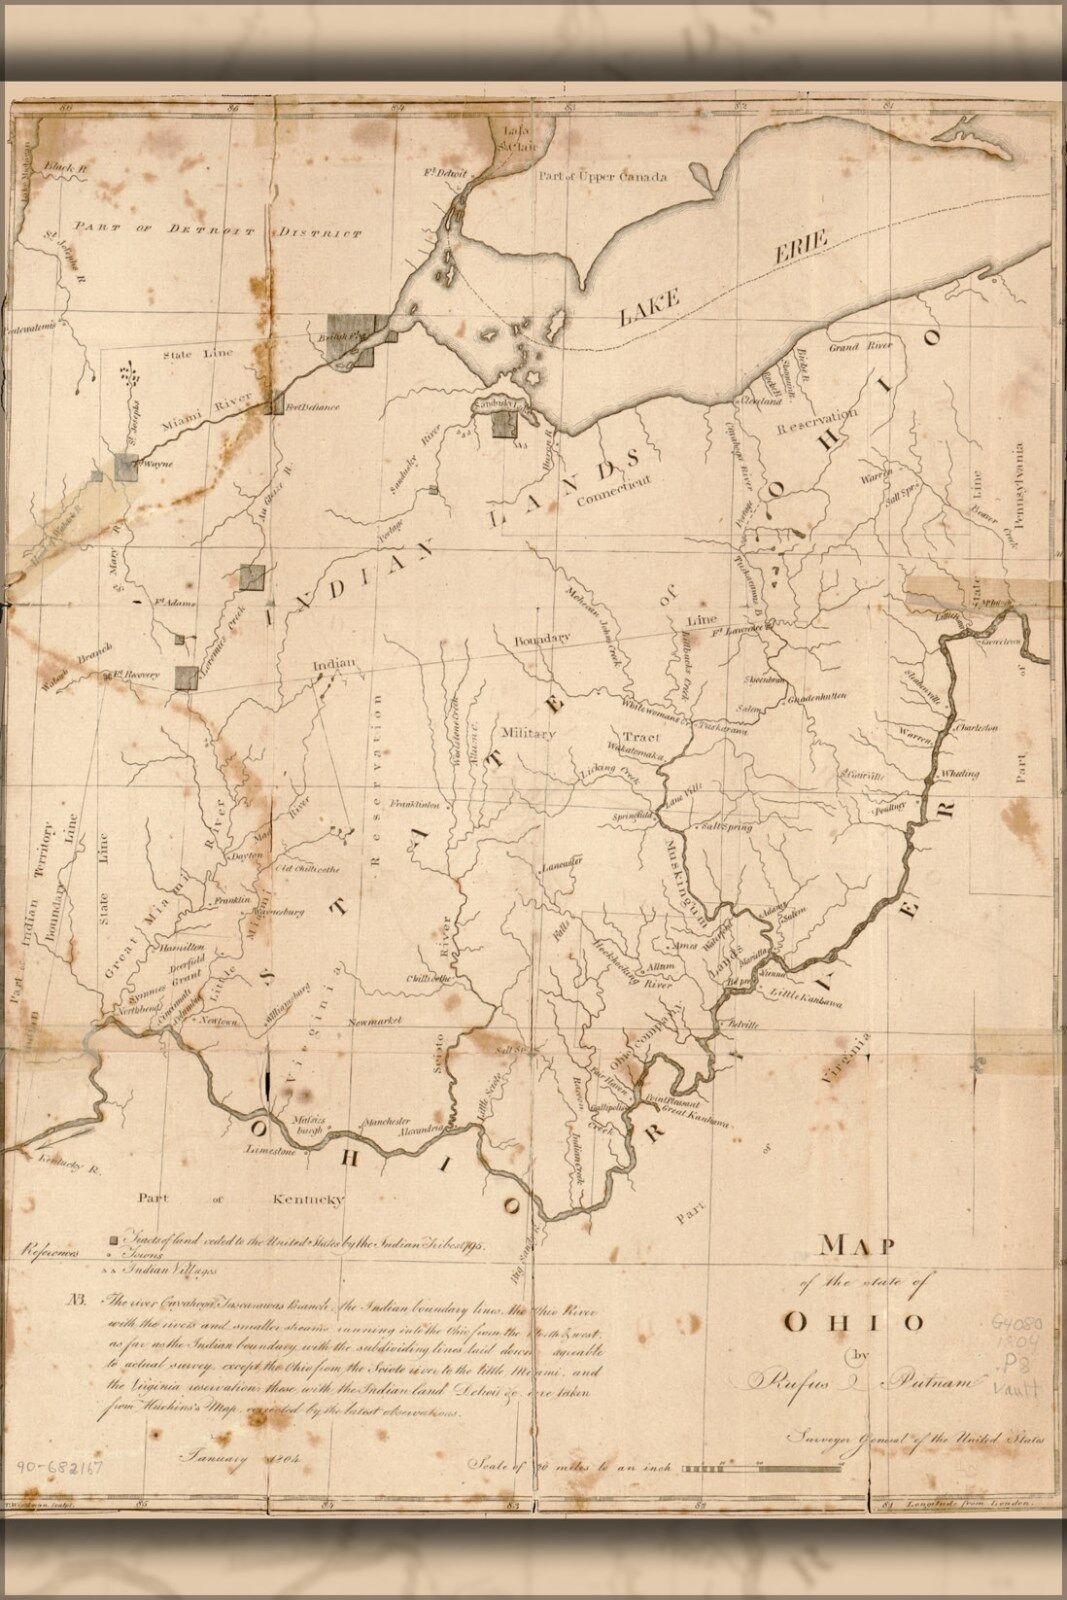 Plakat, Viele Größen; Landkarte der Stateroom von Ohio 1805